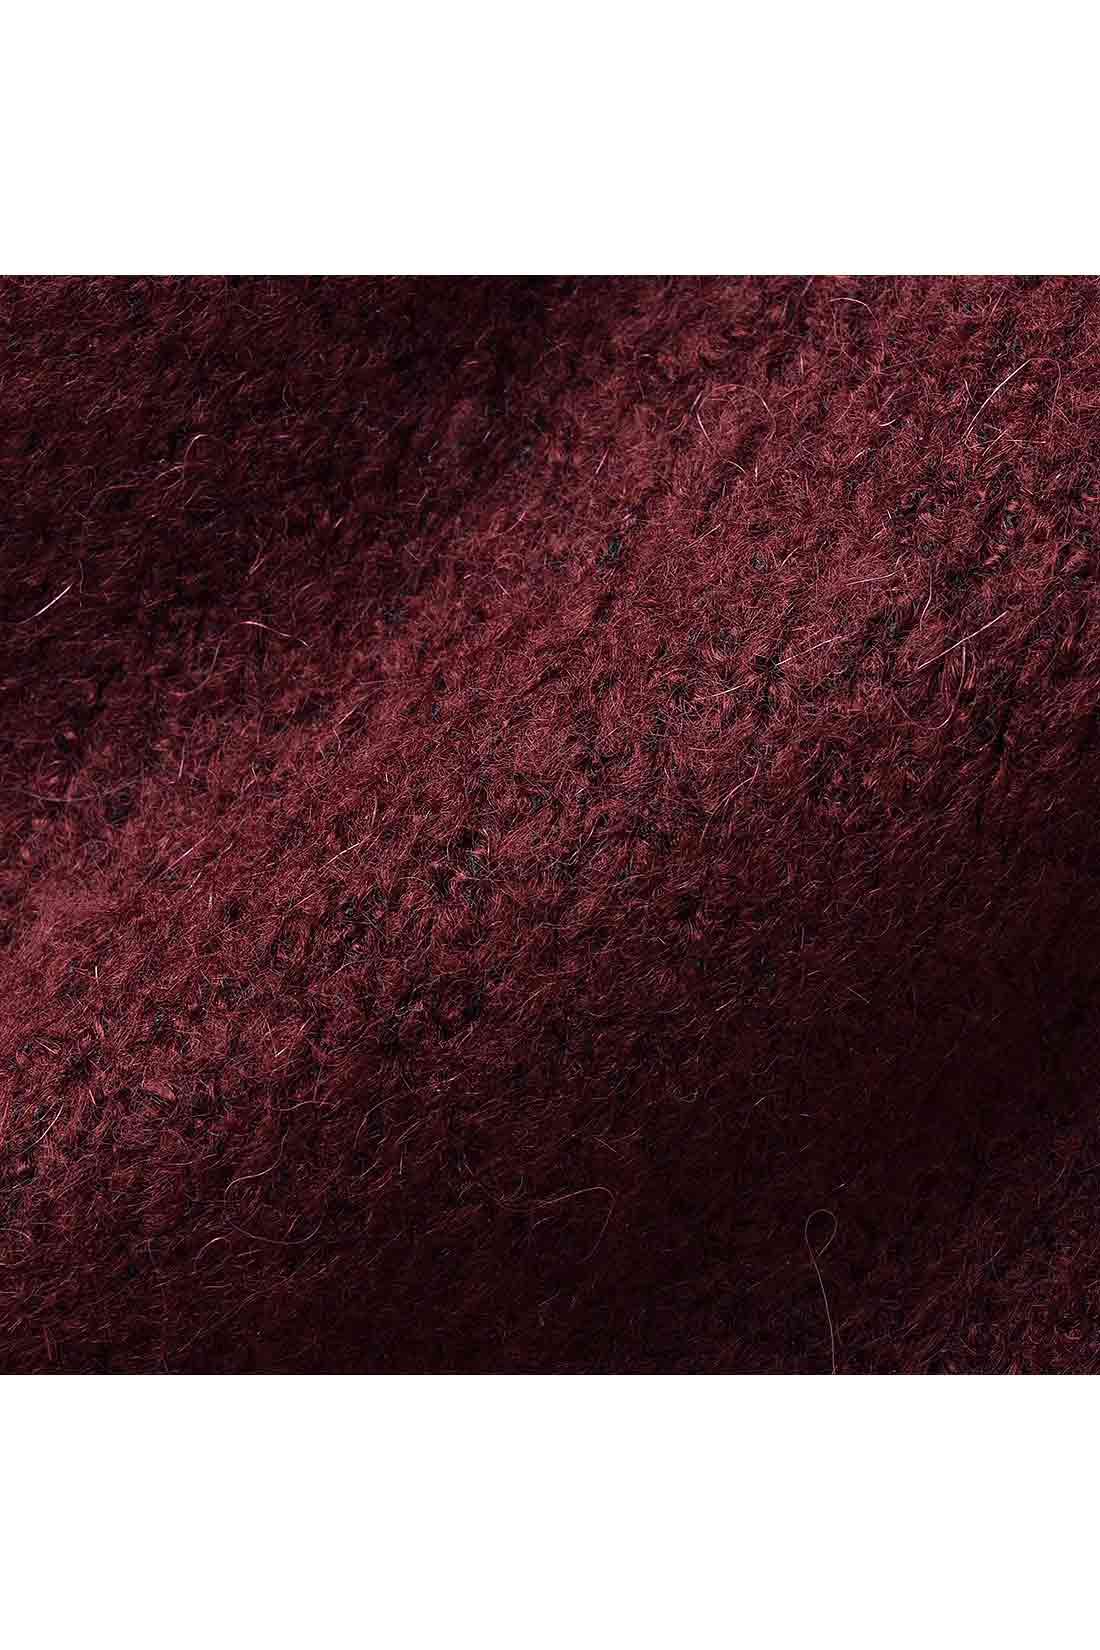 思わずさわりたくなるような、肉厚な起毛素材。ブークレ風の糸の風合いも女性らしさを演出。